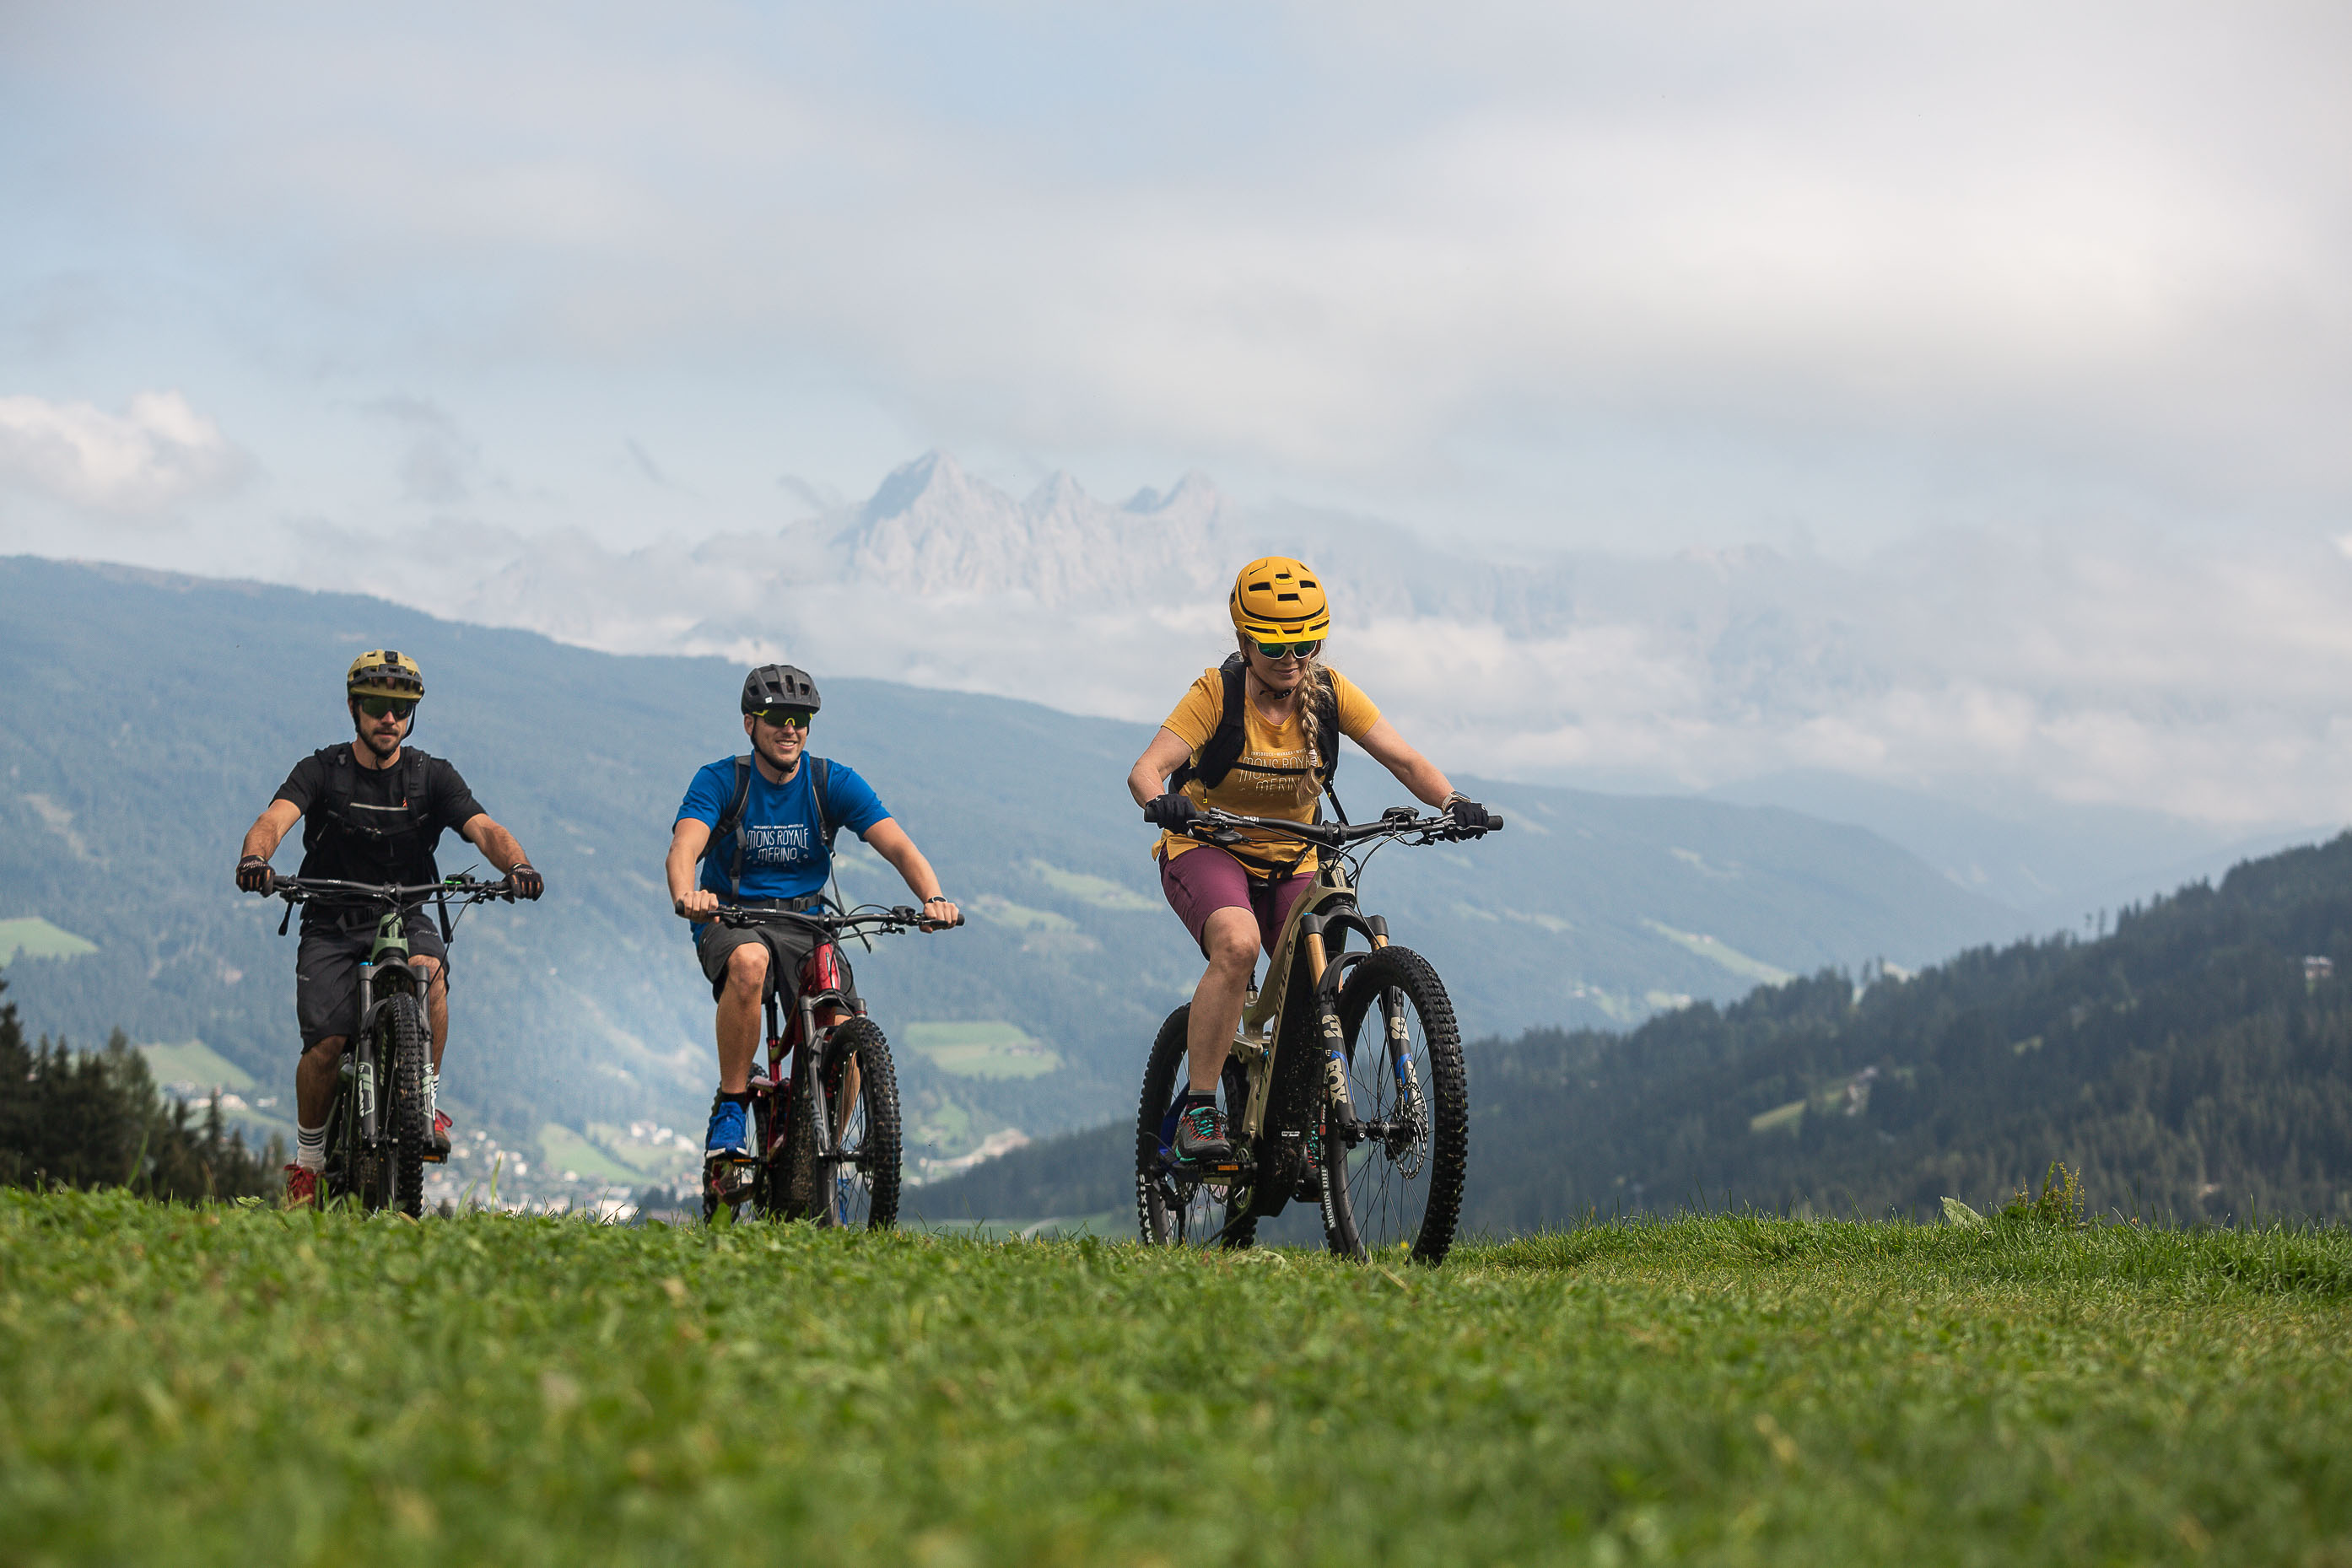 Bikeurlaub Uphilltipps Gewichtsverlagerung Flachau